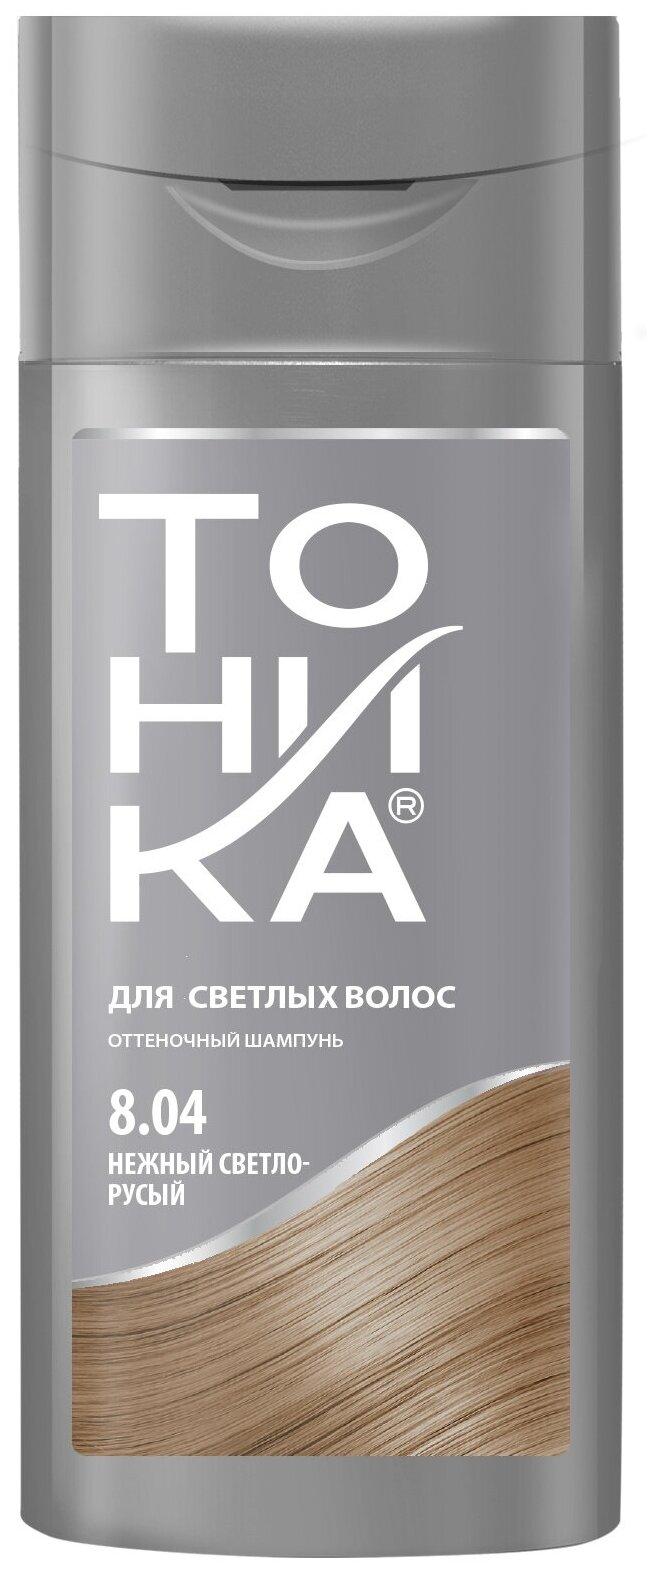 Тоника для светлых волос 8.04 нежный светло-русый с эффектом ламинирования - для всех типов волос